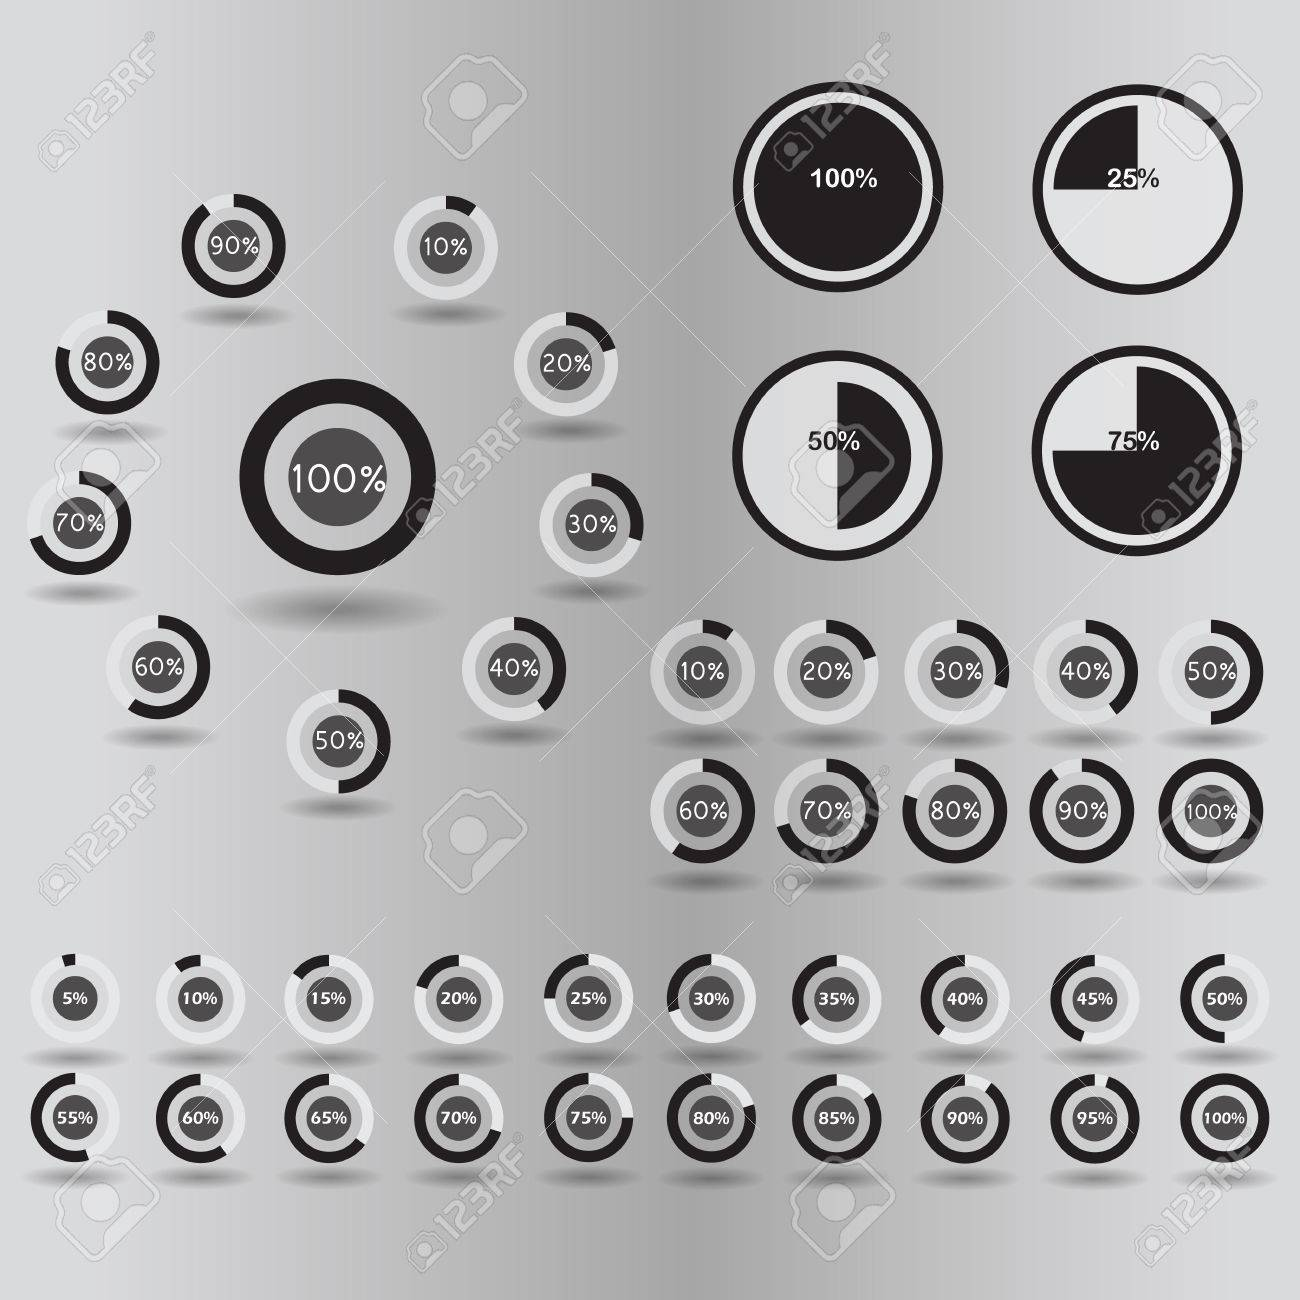 Excelente Plantilla De Gráfico Circular Composición - Ejemplo De ...